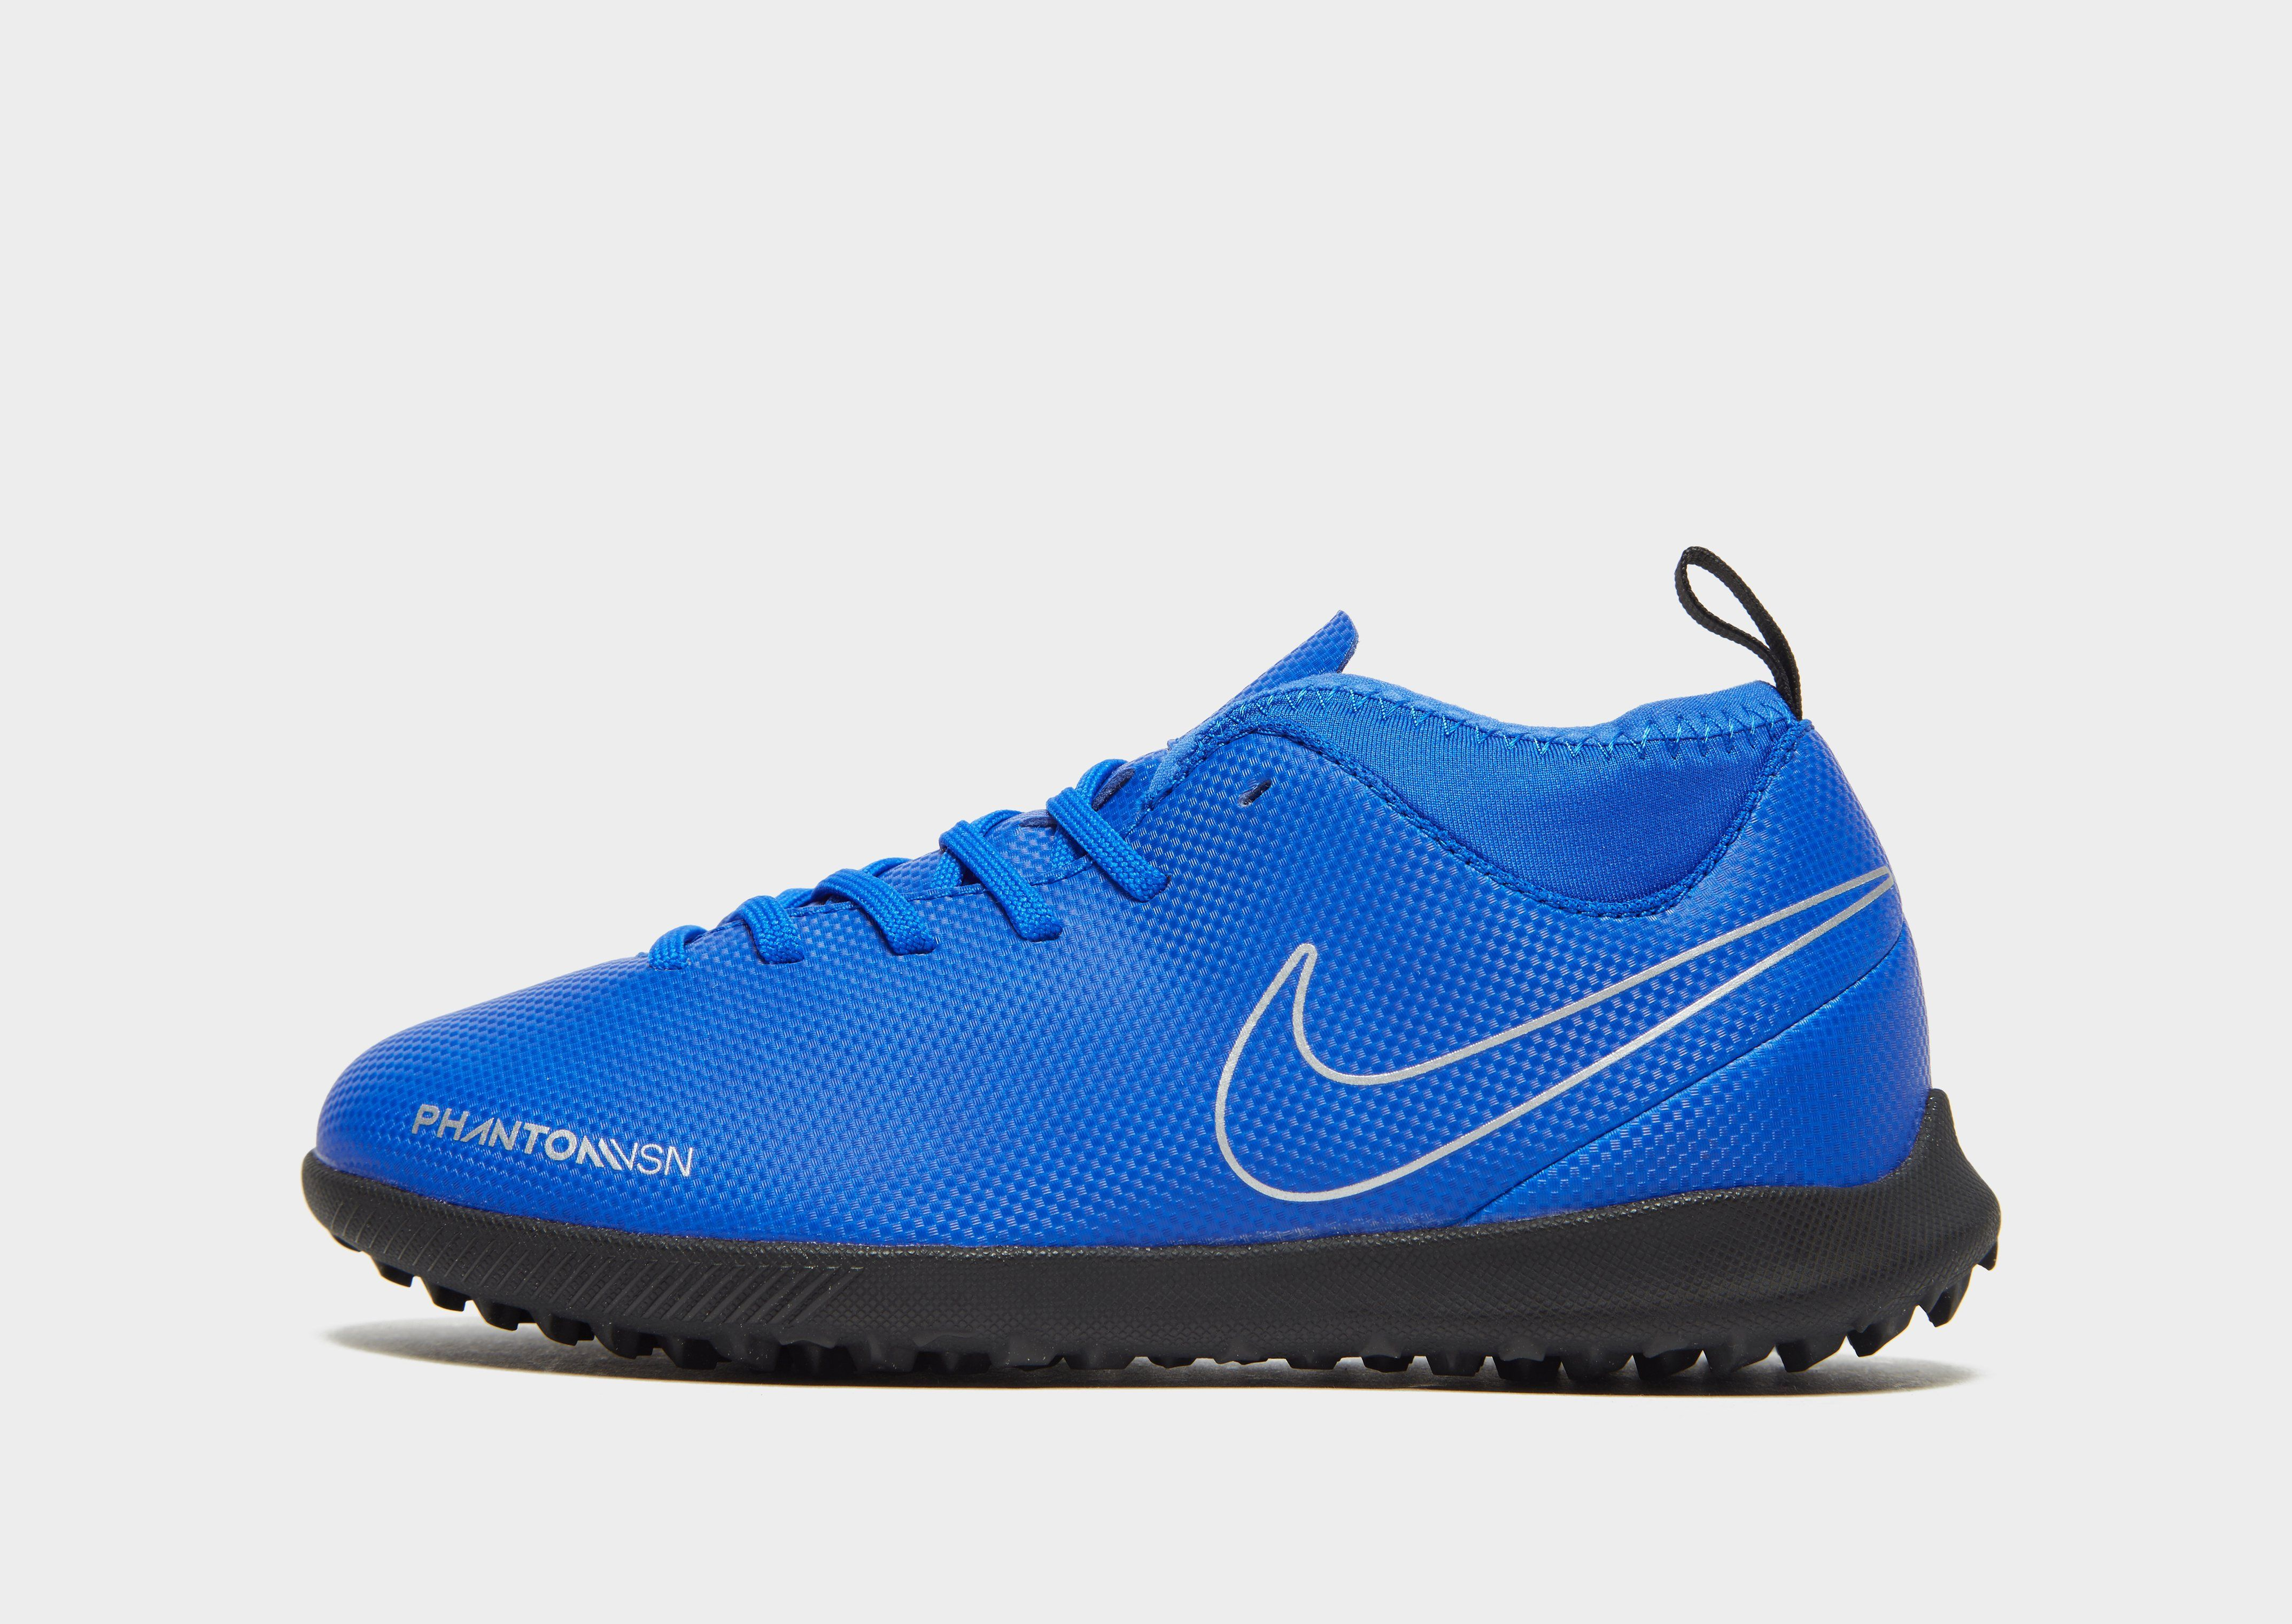 buy online a7495 a2df3 Nike Always Forward Phantom VSN Club TF Children   JD Sports